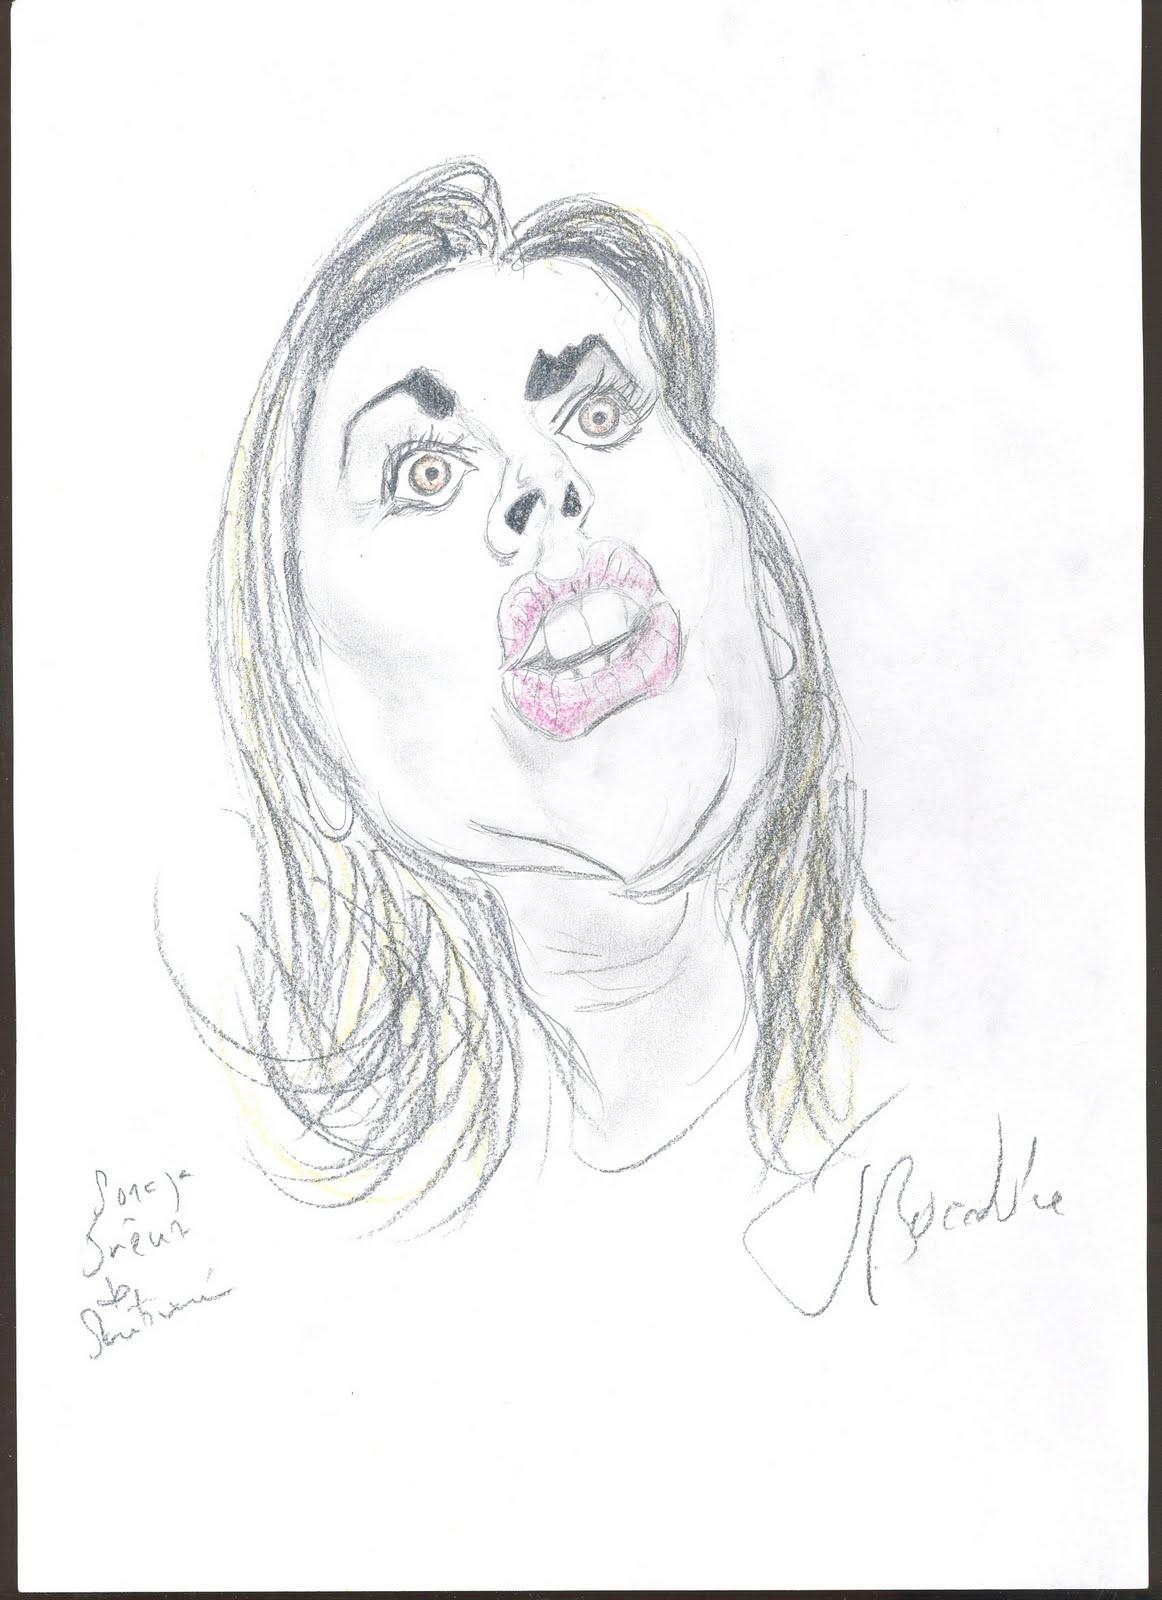 http://4.bp.blogspot.com/_P39a8QBQ2B8/TMlL8GbIFPI/AAAAAAAABBc/d2wXsLAKMU0/s1600/soraya.jpg